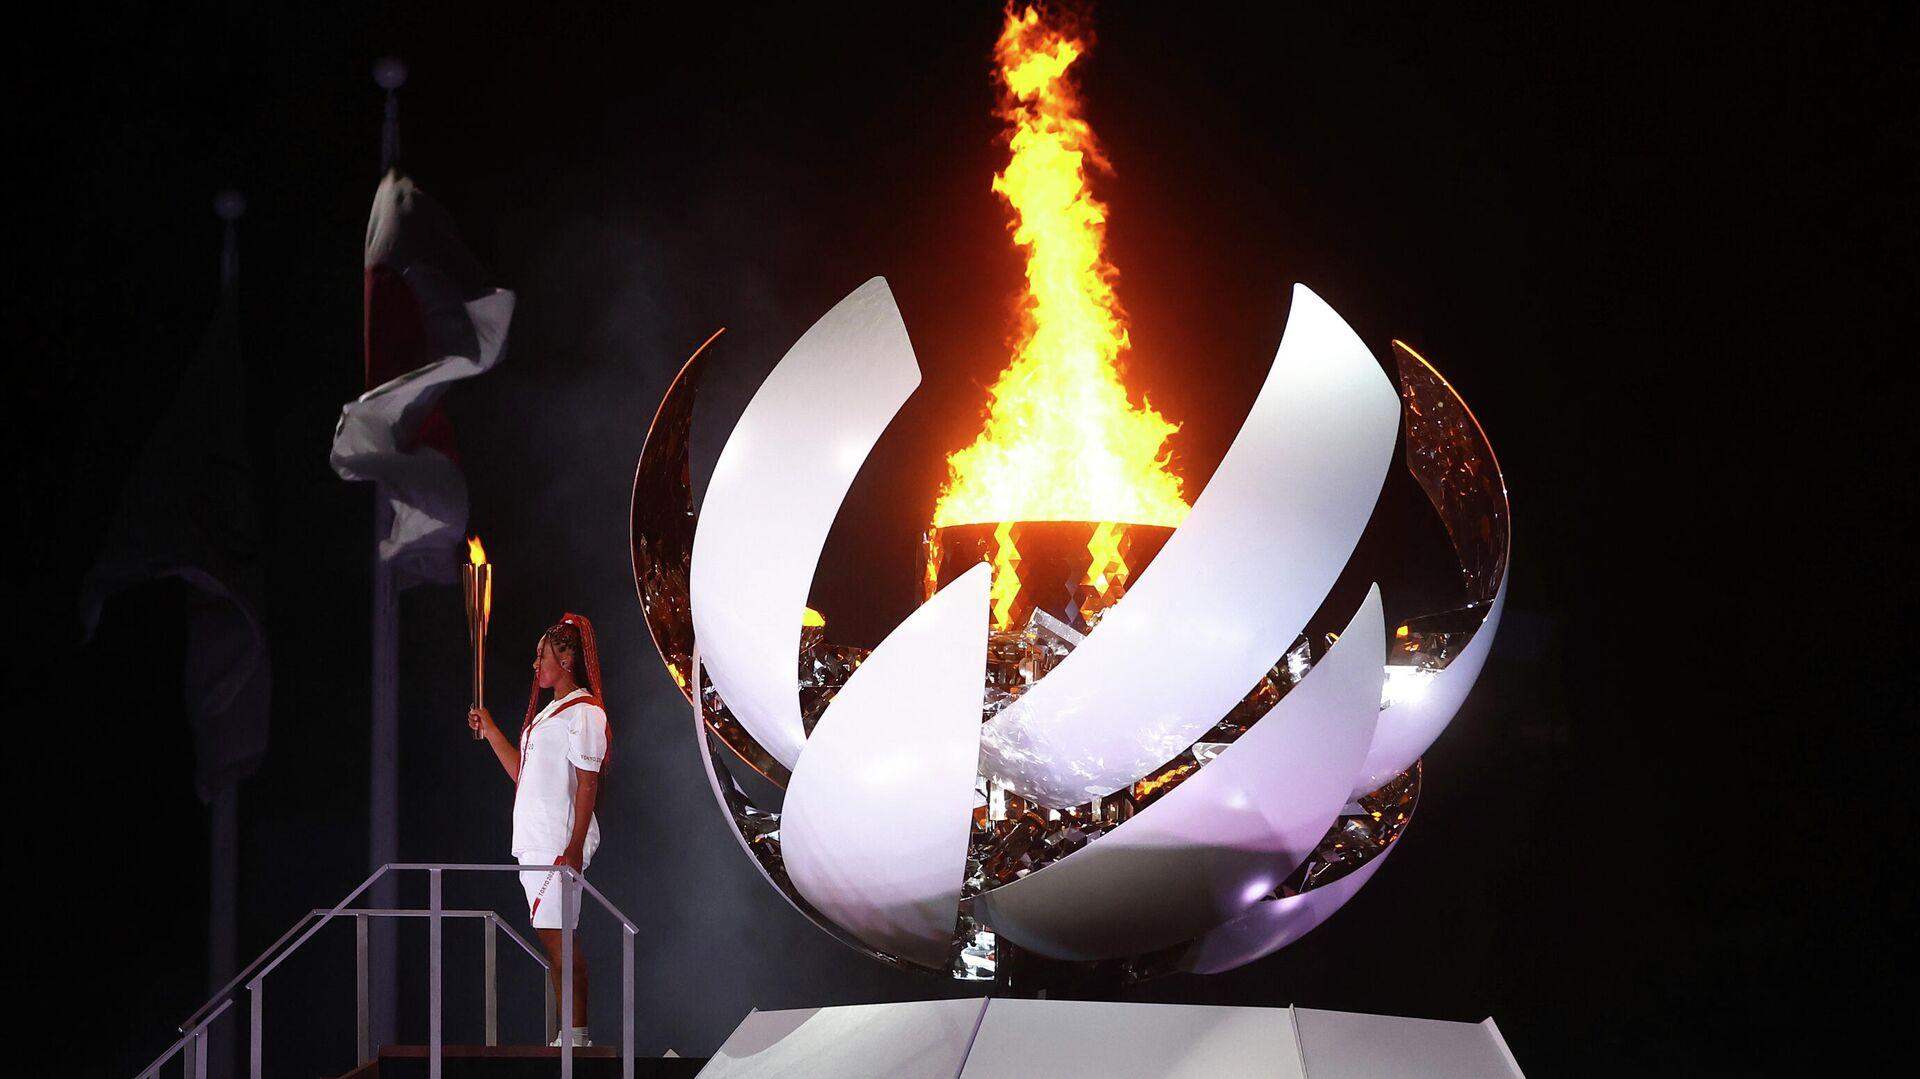 La ceremonia de apertura de los Juegos Olímpicos de Tokio 2020 - Sputnik Mundo, 1920, 23.07.2021